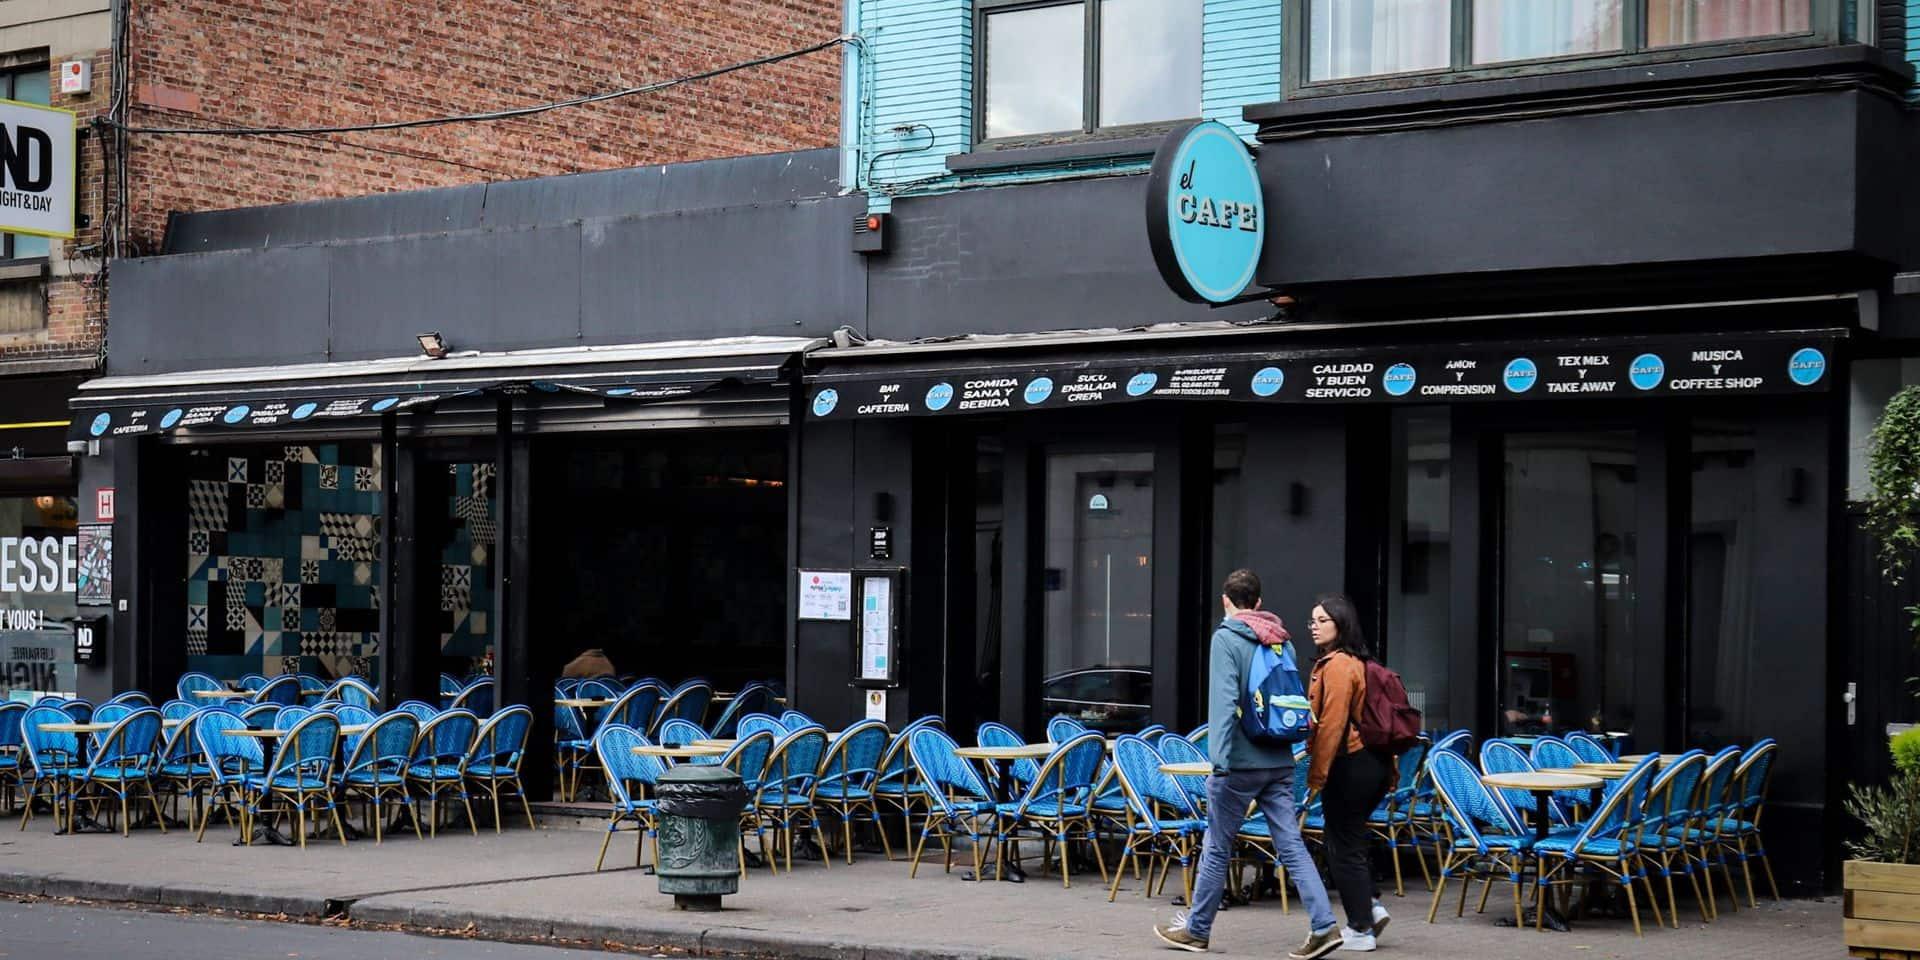 Les agressions sexuelles à Ixelles sont plus nombreuses qu'on ne le pense: c'est arrivé dans de nombreux autres bars